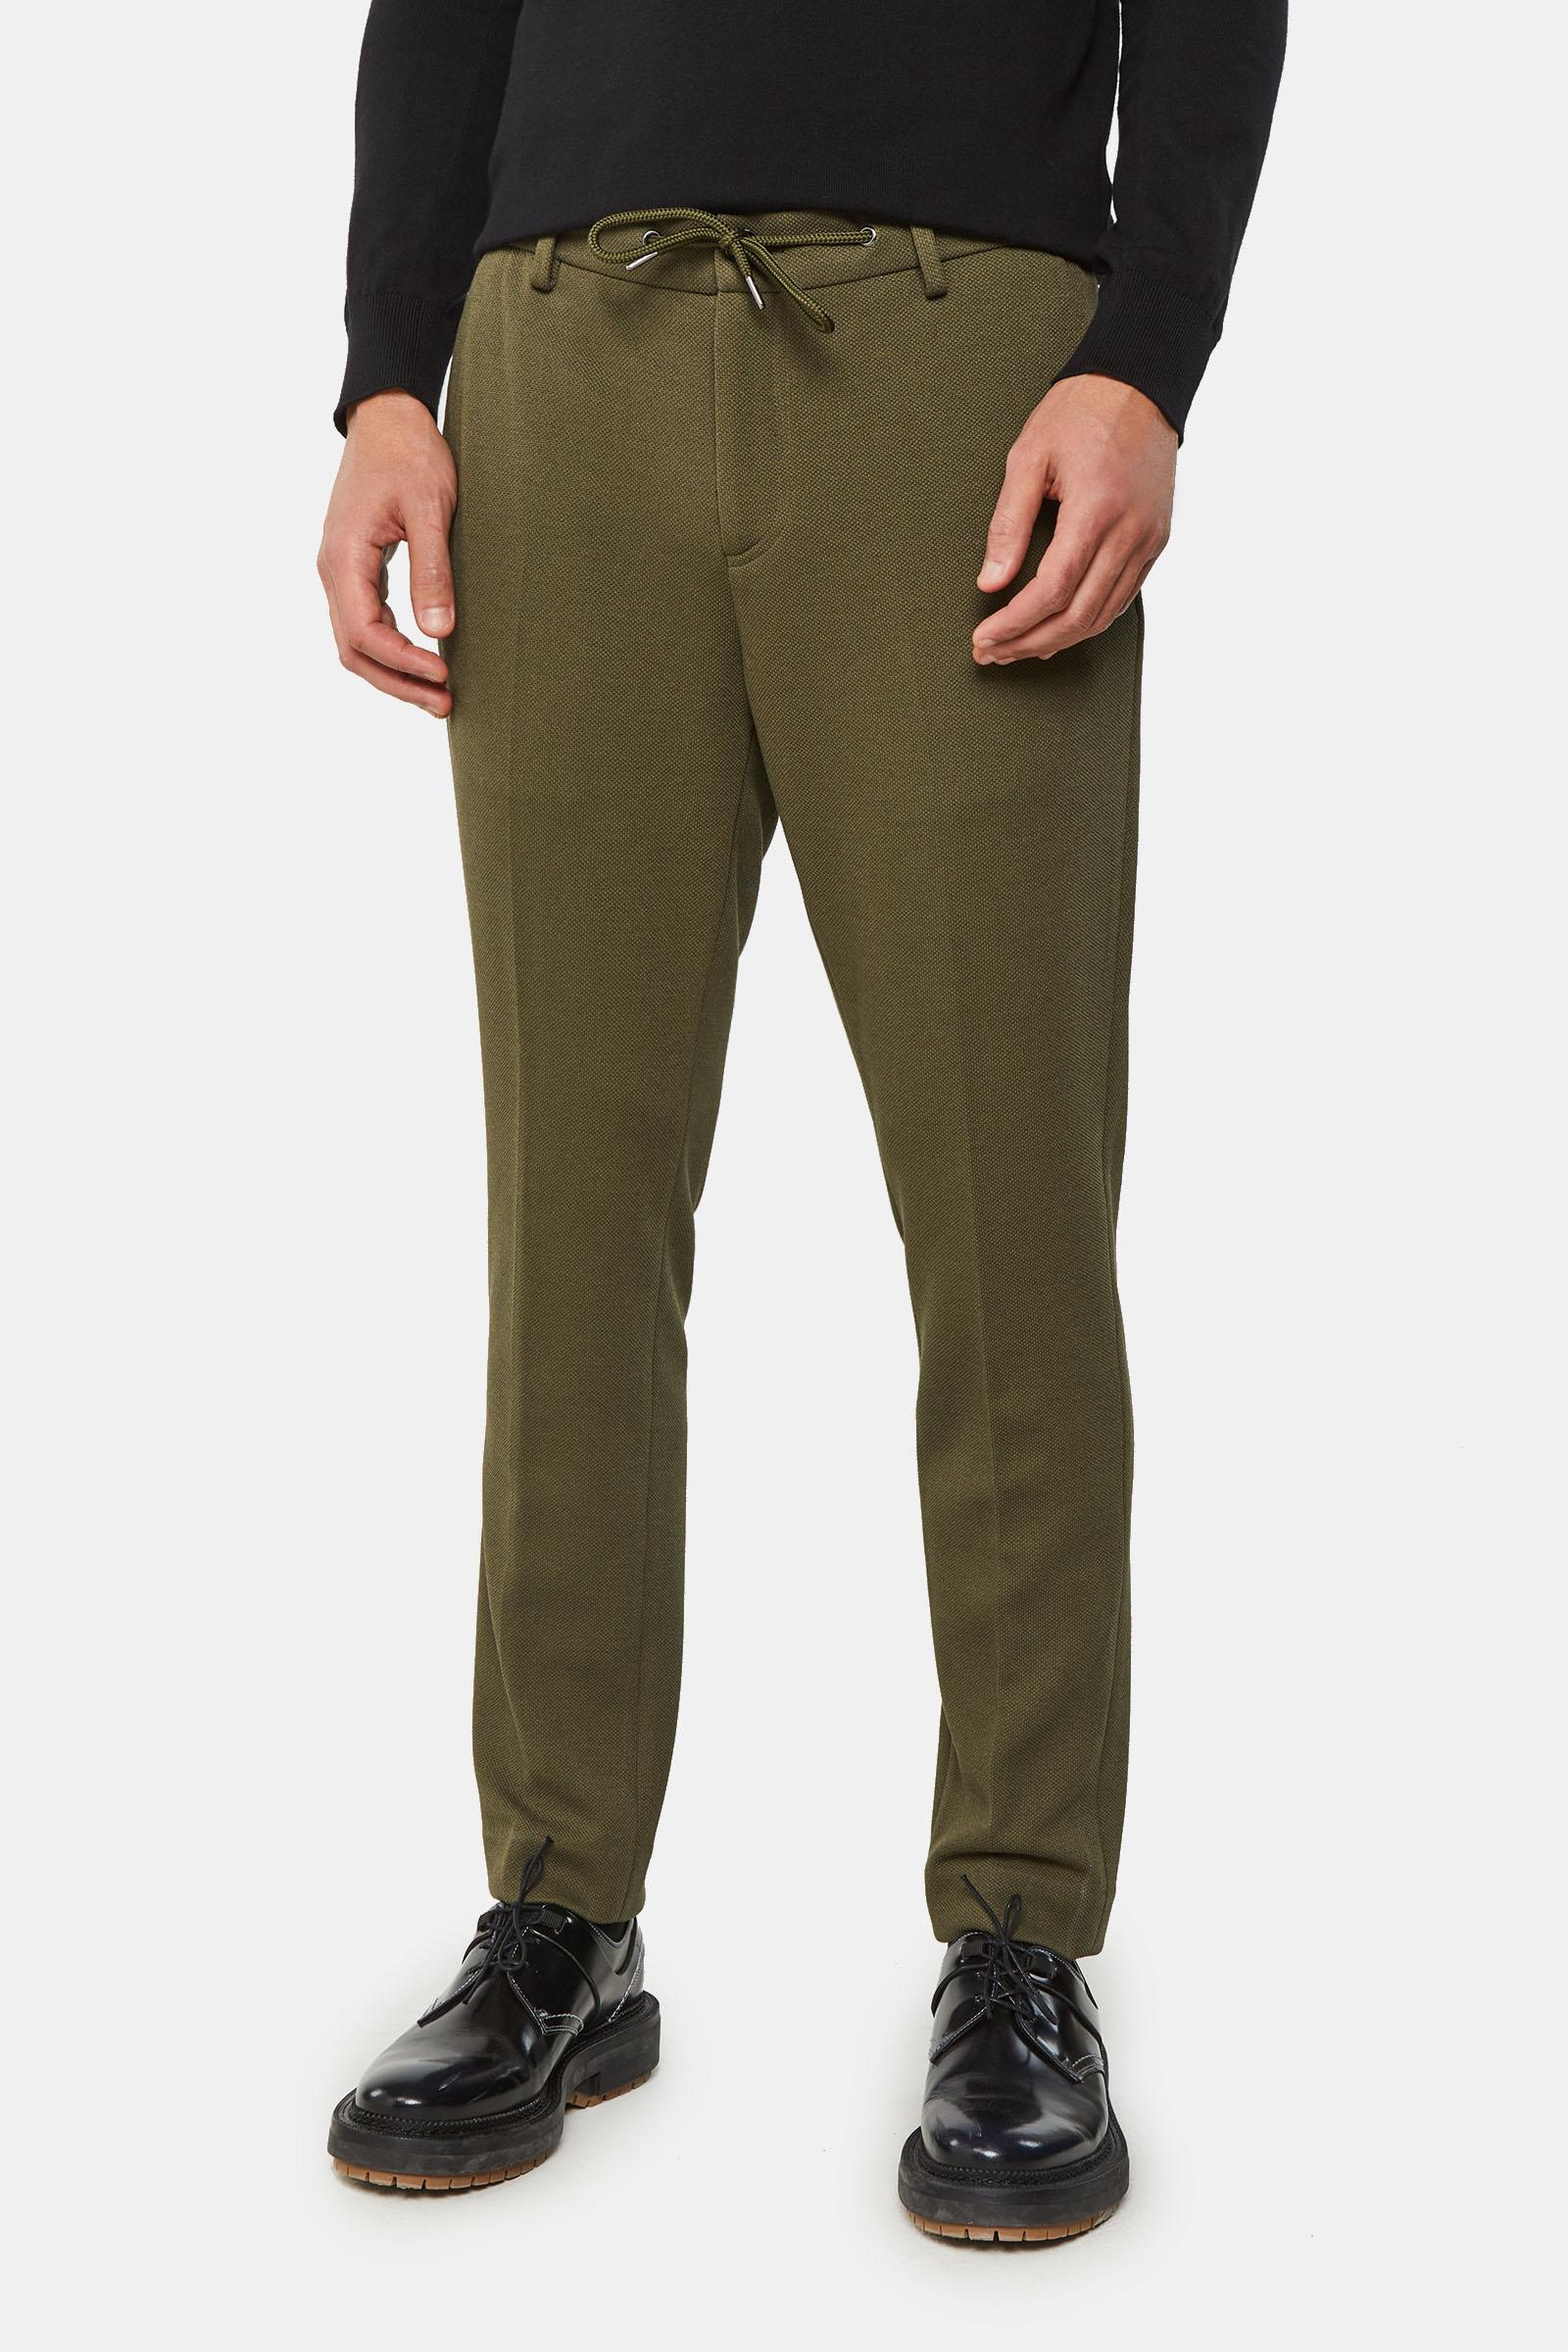 Heren cropped jogpantalon met structuur | 95051406 WE Fashion